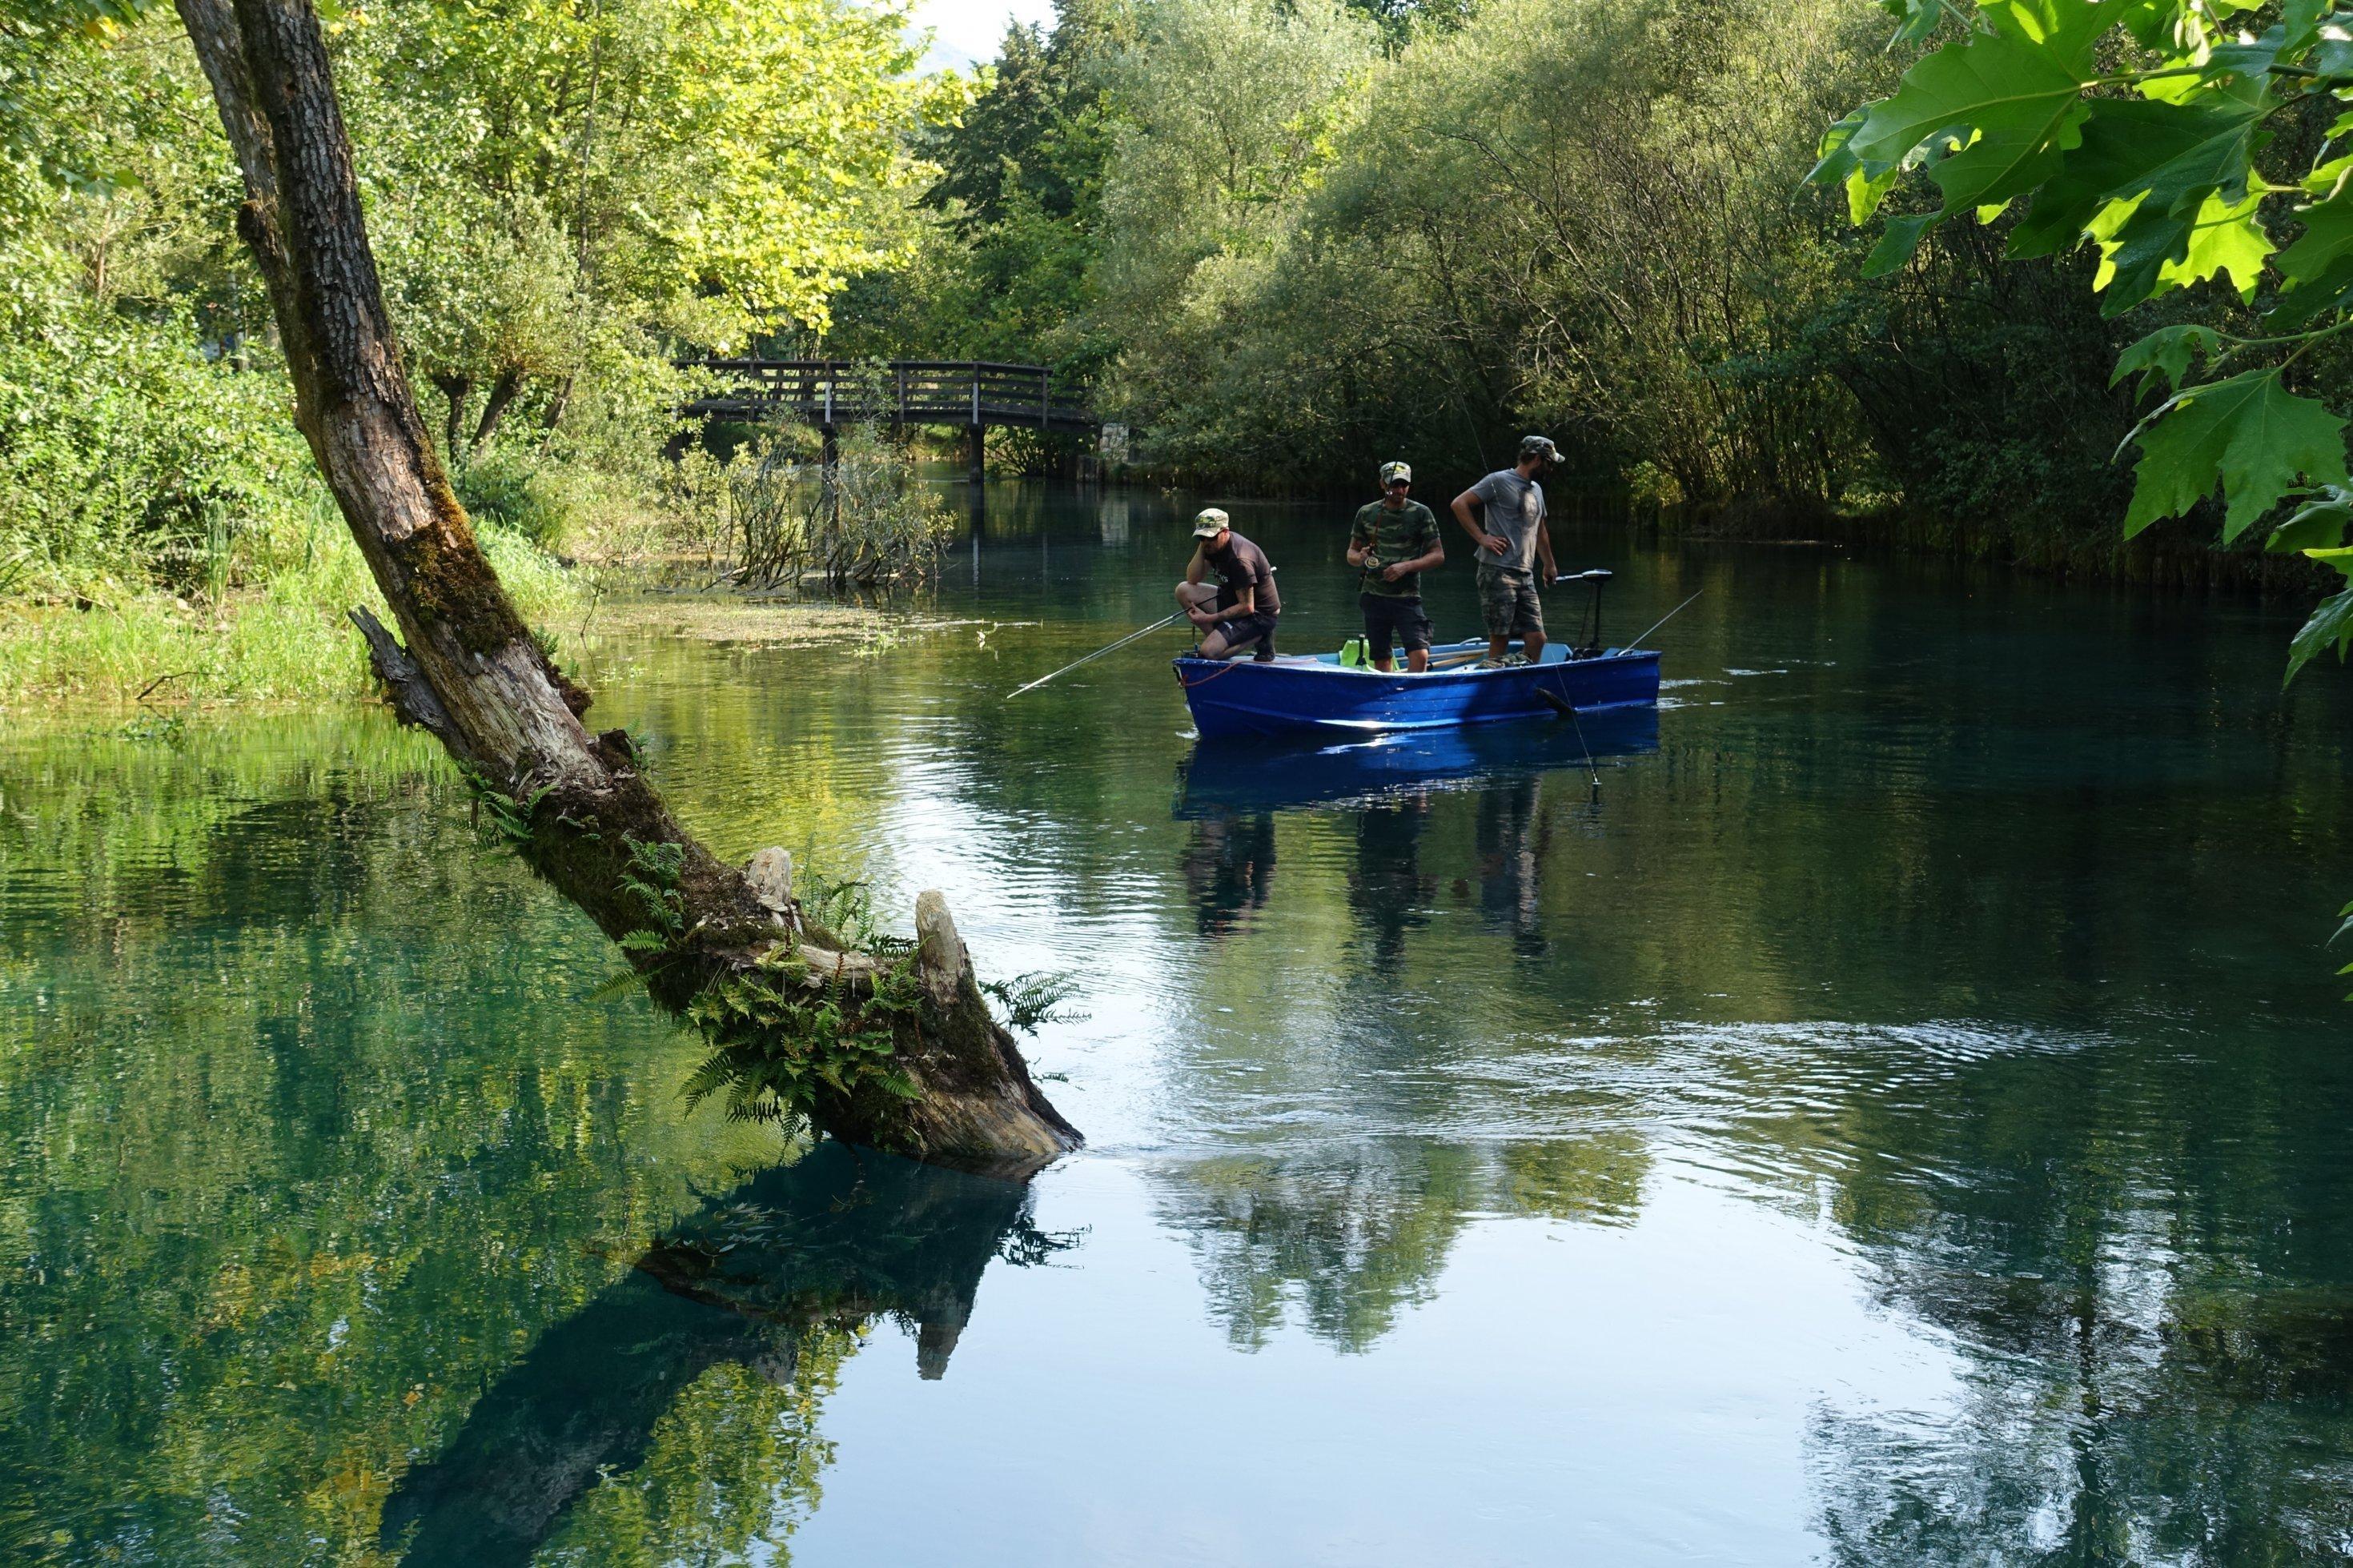 Fluss mit Bäumen, kleines Boot, darin Fischer, im Hintergrund eine Holzbrücke